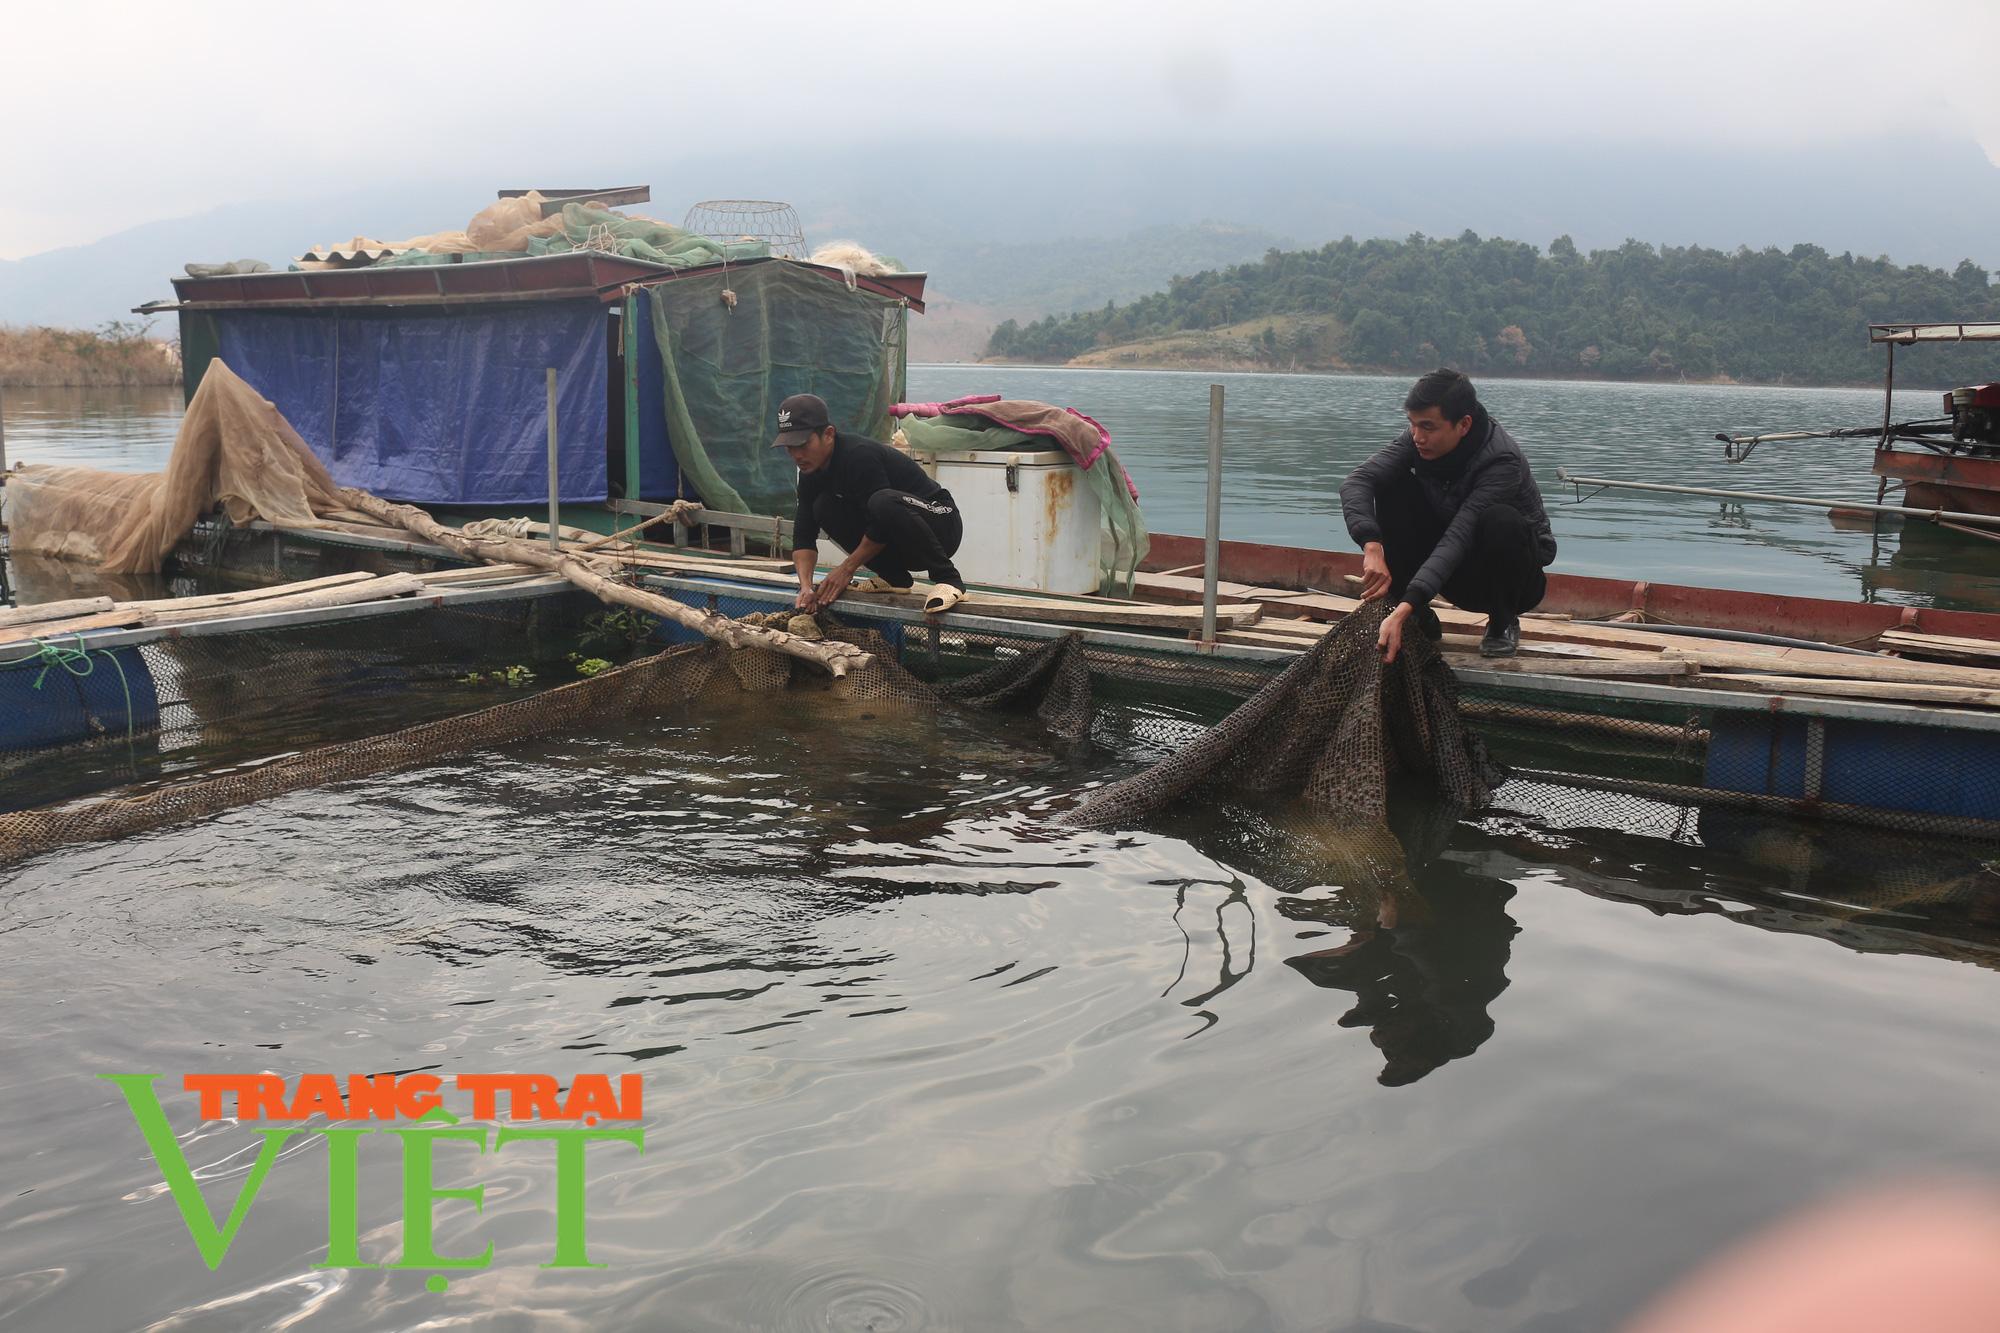 Bỏ núi xuống sông, những lão nông đổi đời từ nuôi cá lồng - Ảnh 2.